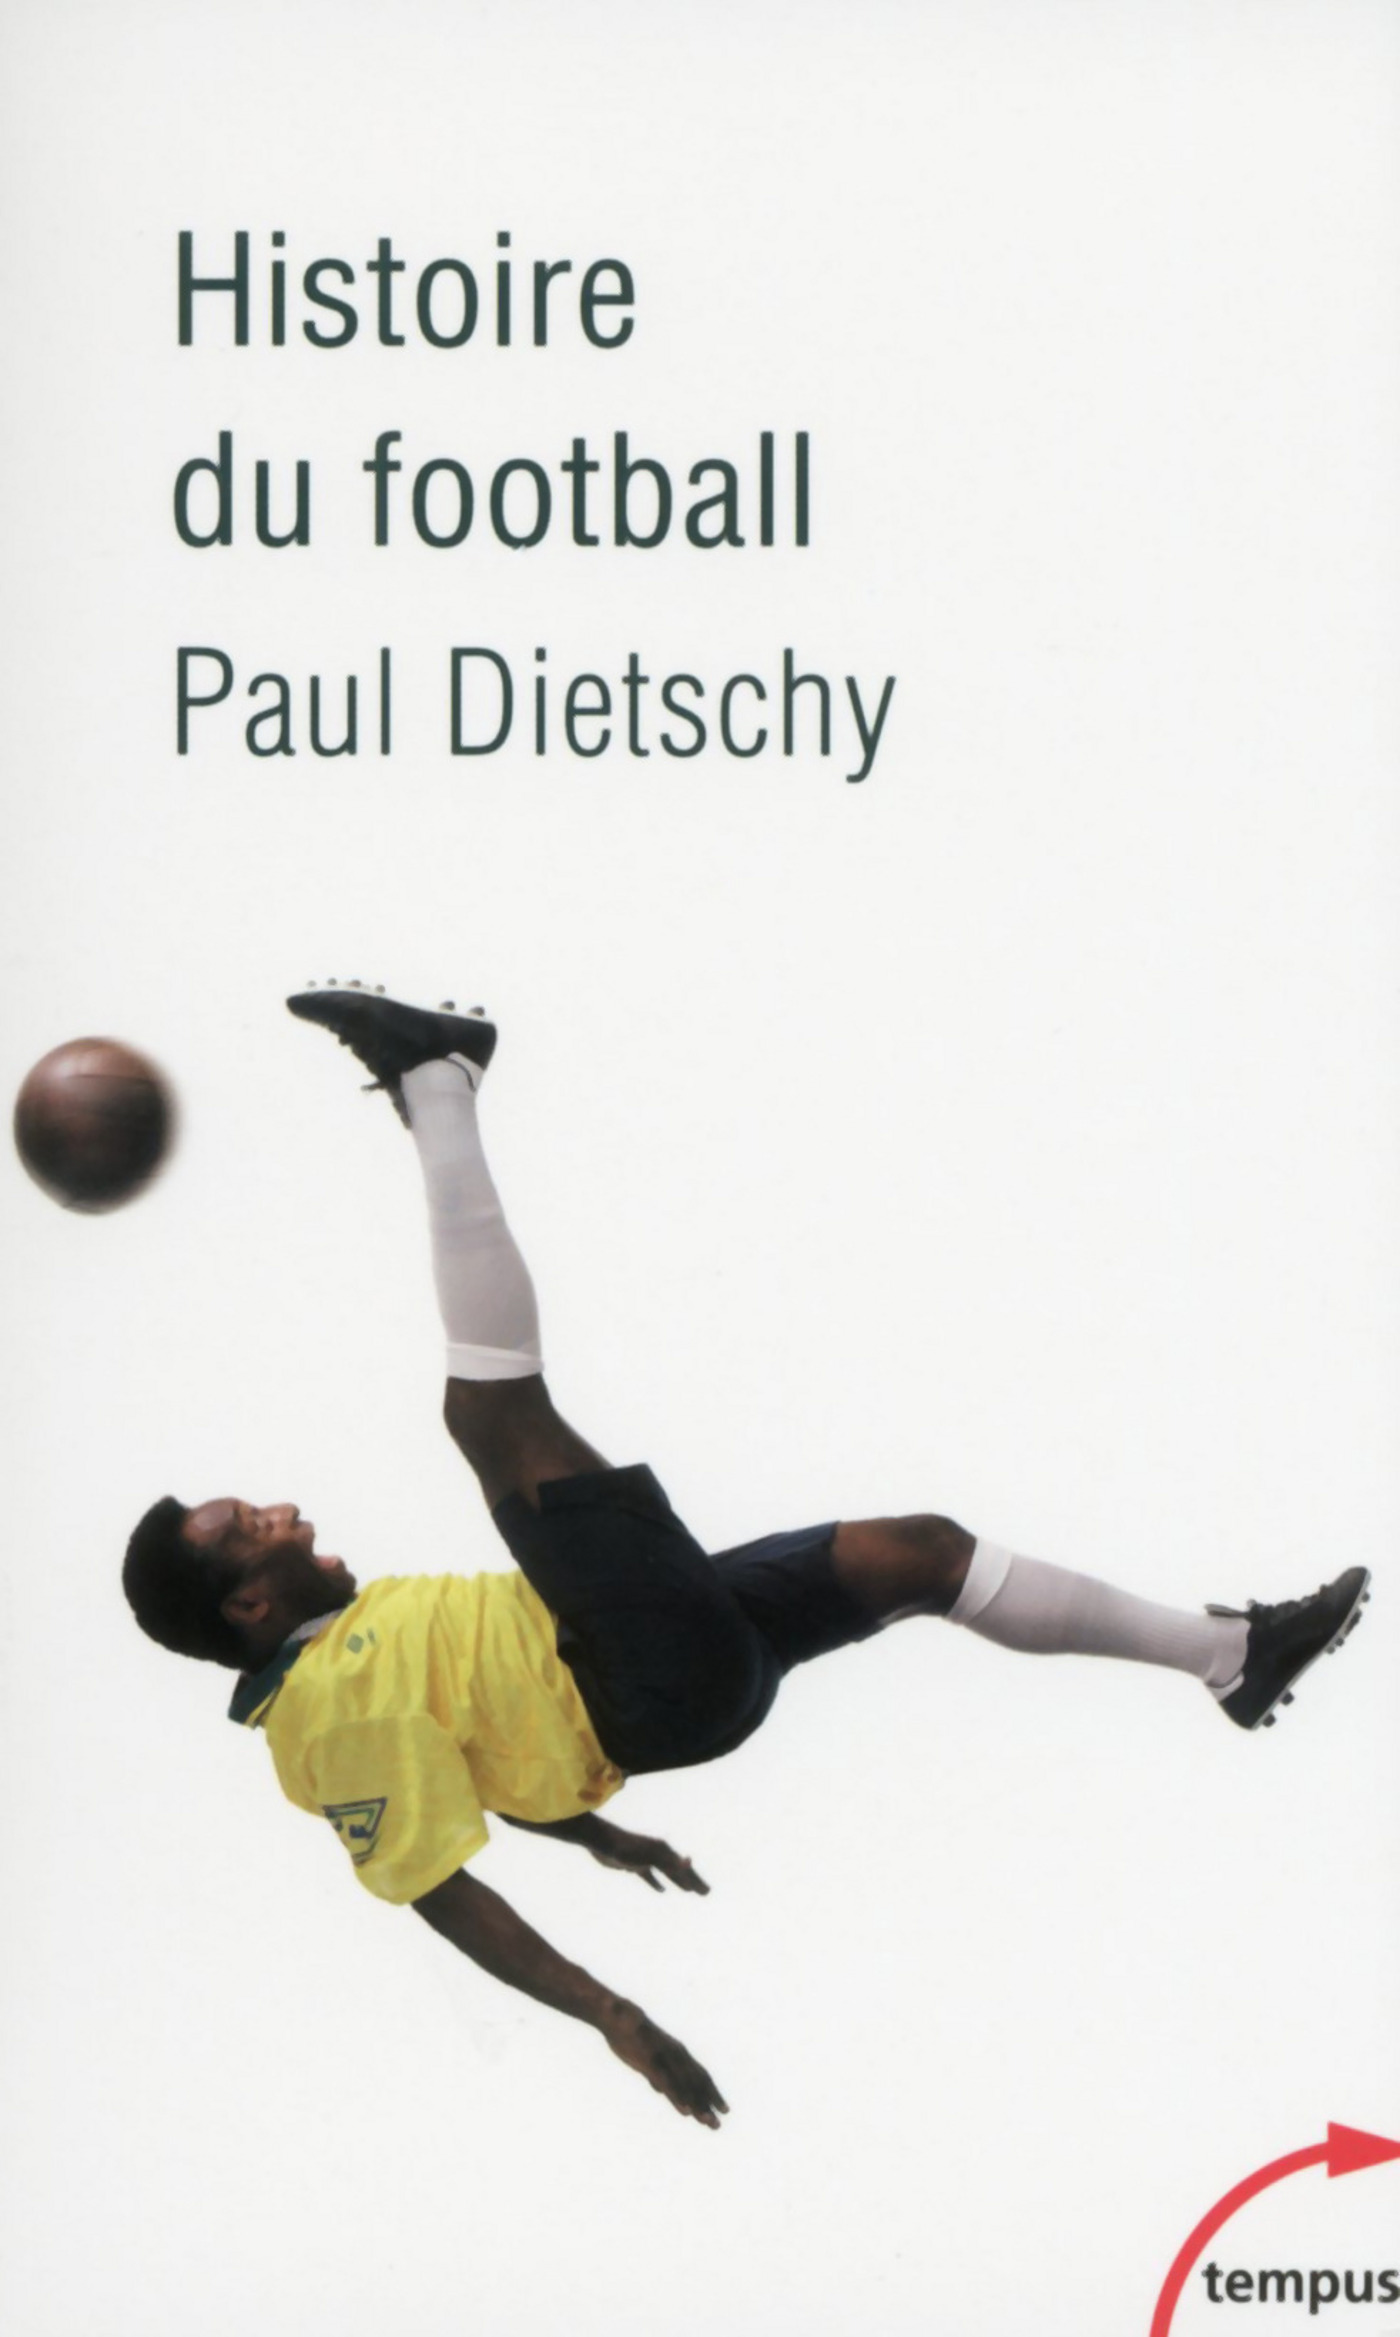 Histoire du football | DIETSCHY, Paul